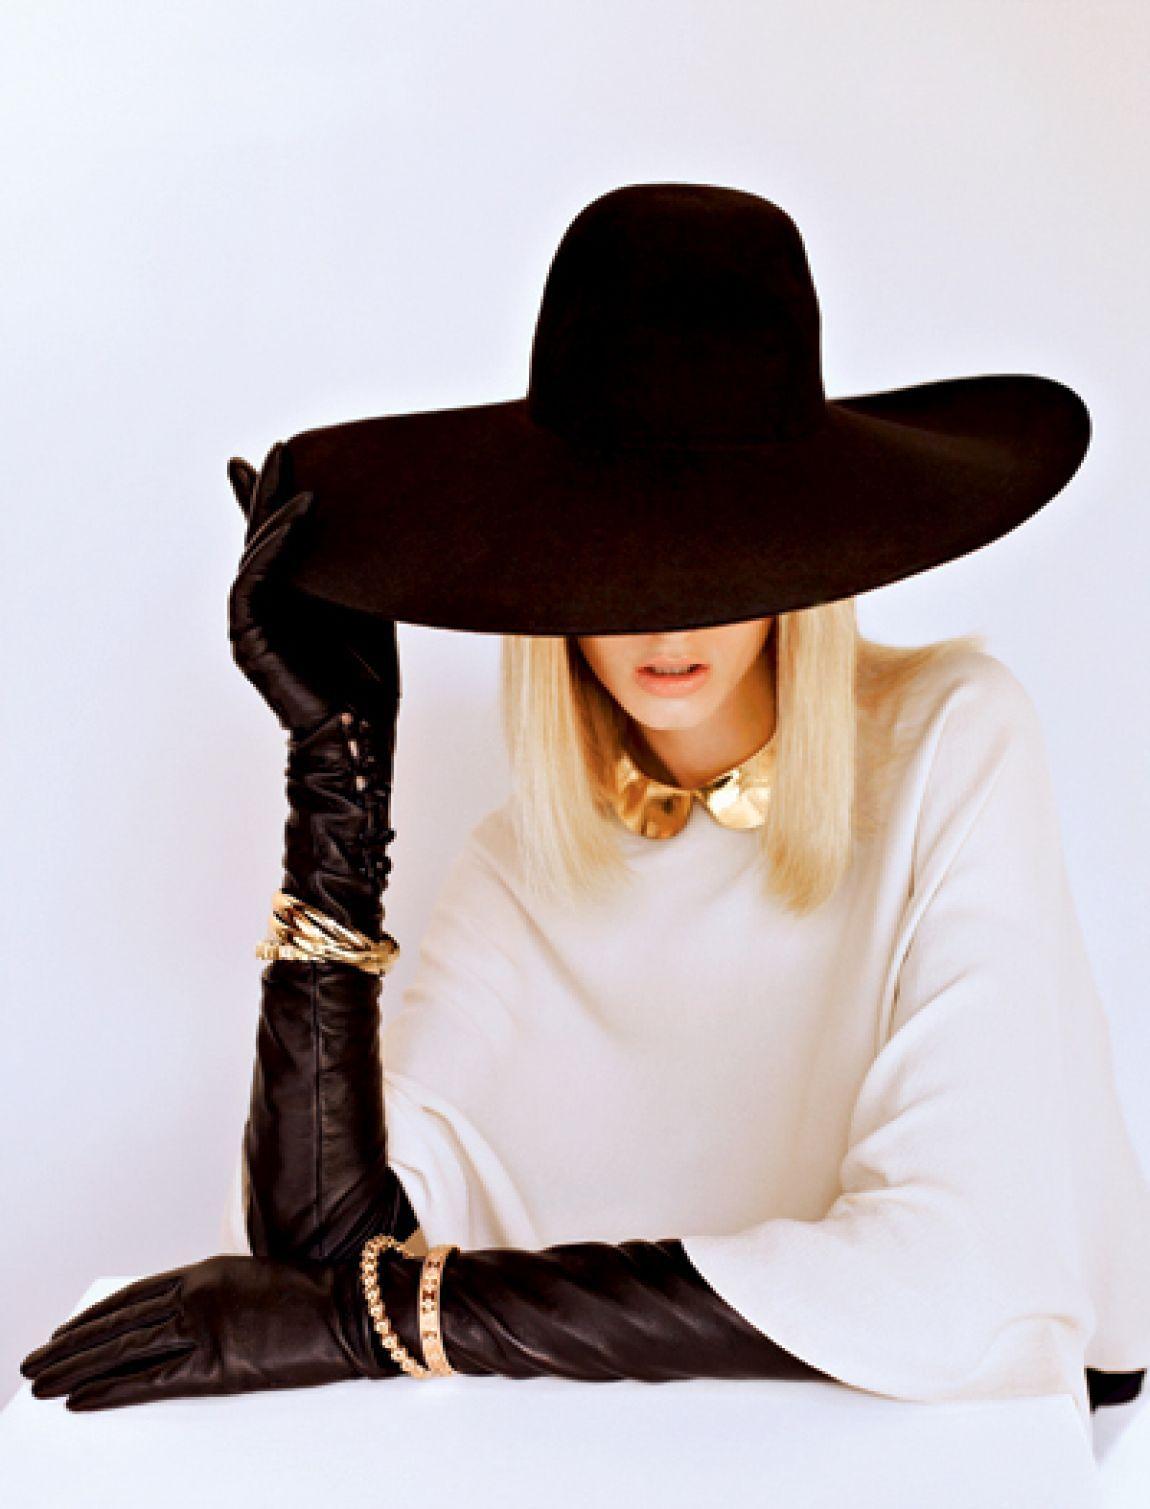 справляется картинки шляпы и перчатки будут выкрашиваться